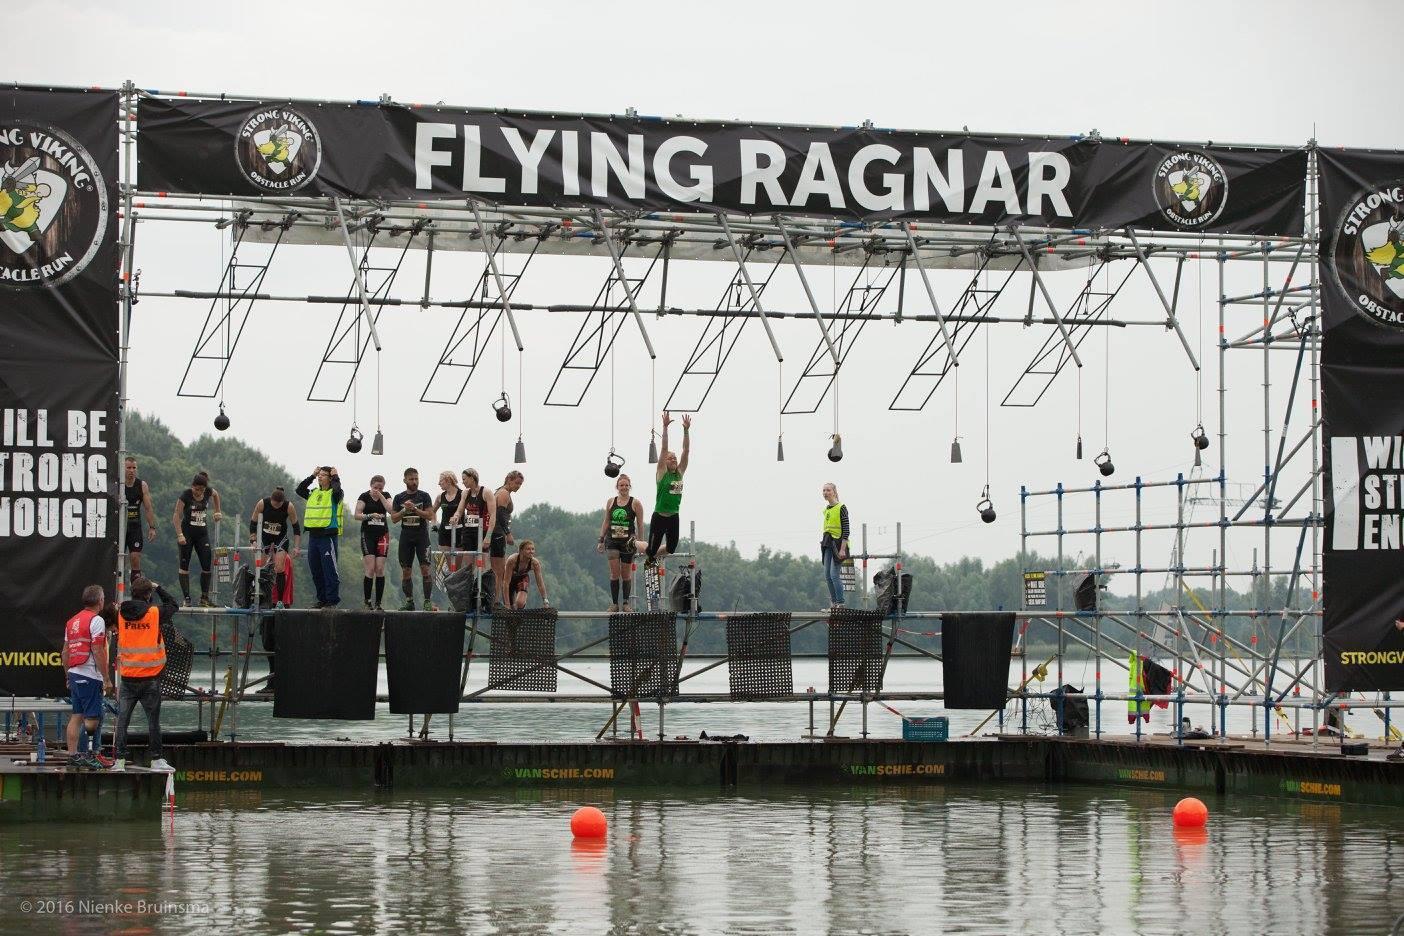 FlyingRagnar